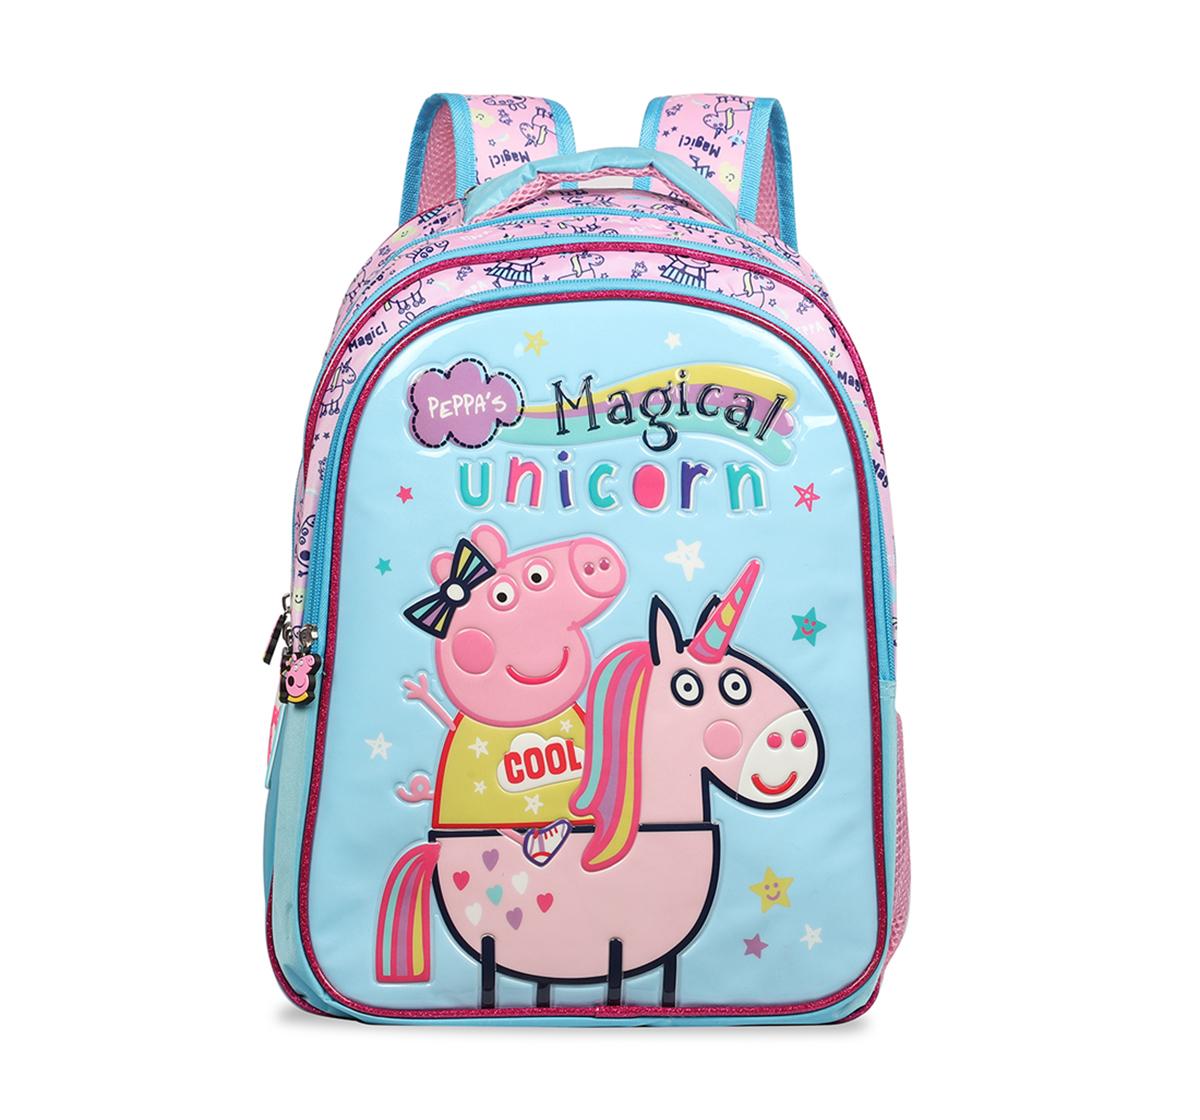 Peppa Pig |  Peppa Pig Hood School Bag 41 Cm  for Kids age 7Y+